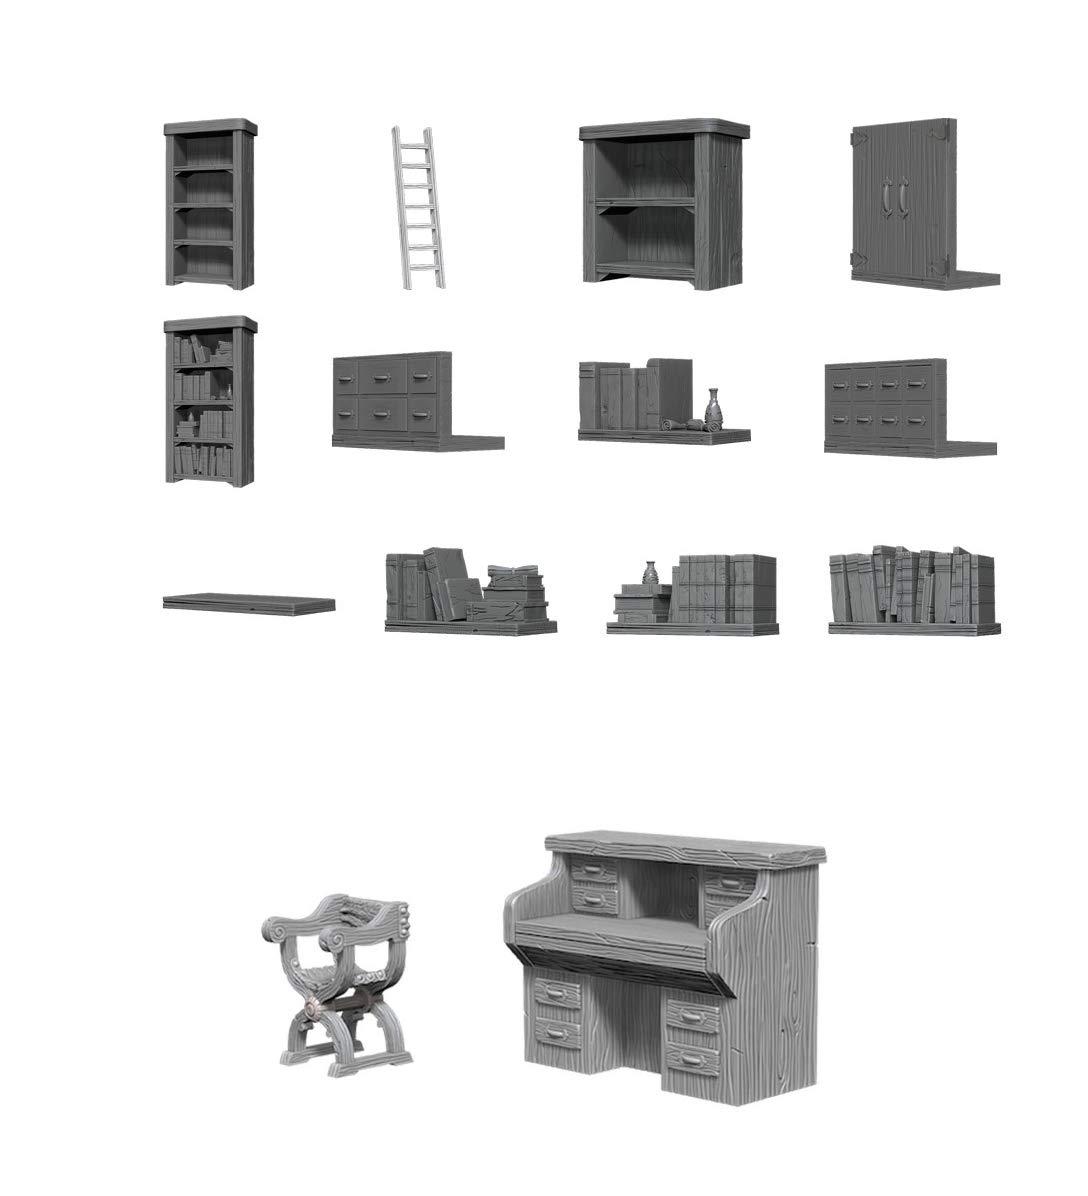 Wiz Kids Deep Cuts Unpainted Miniatures Bundle: Archivist Library + Desk & Chair